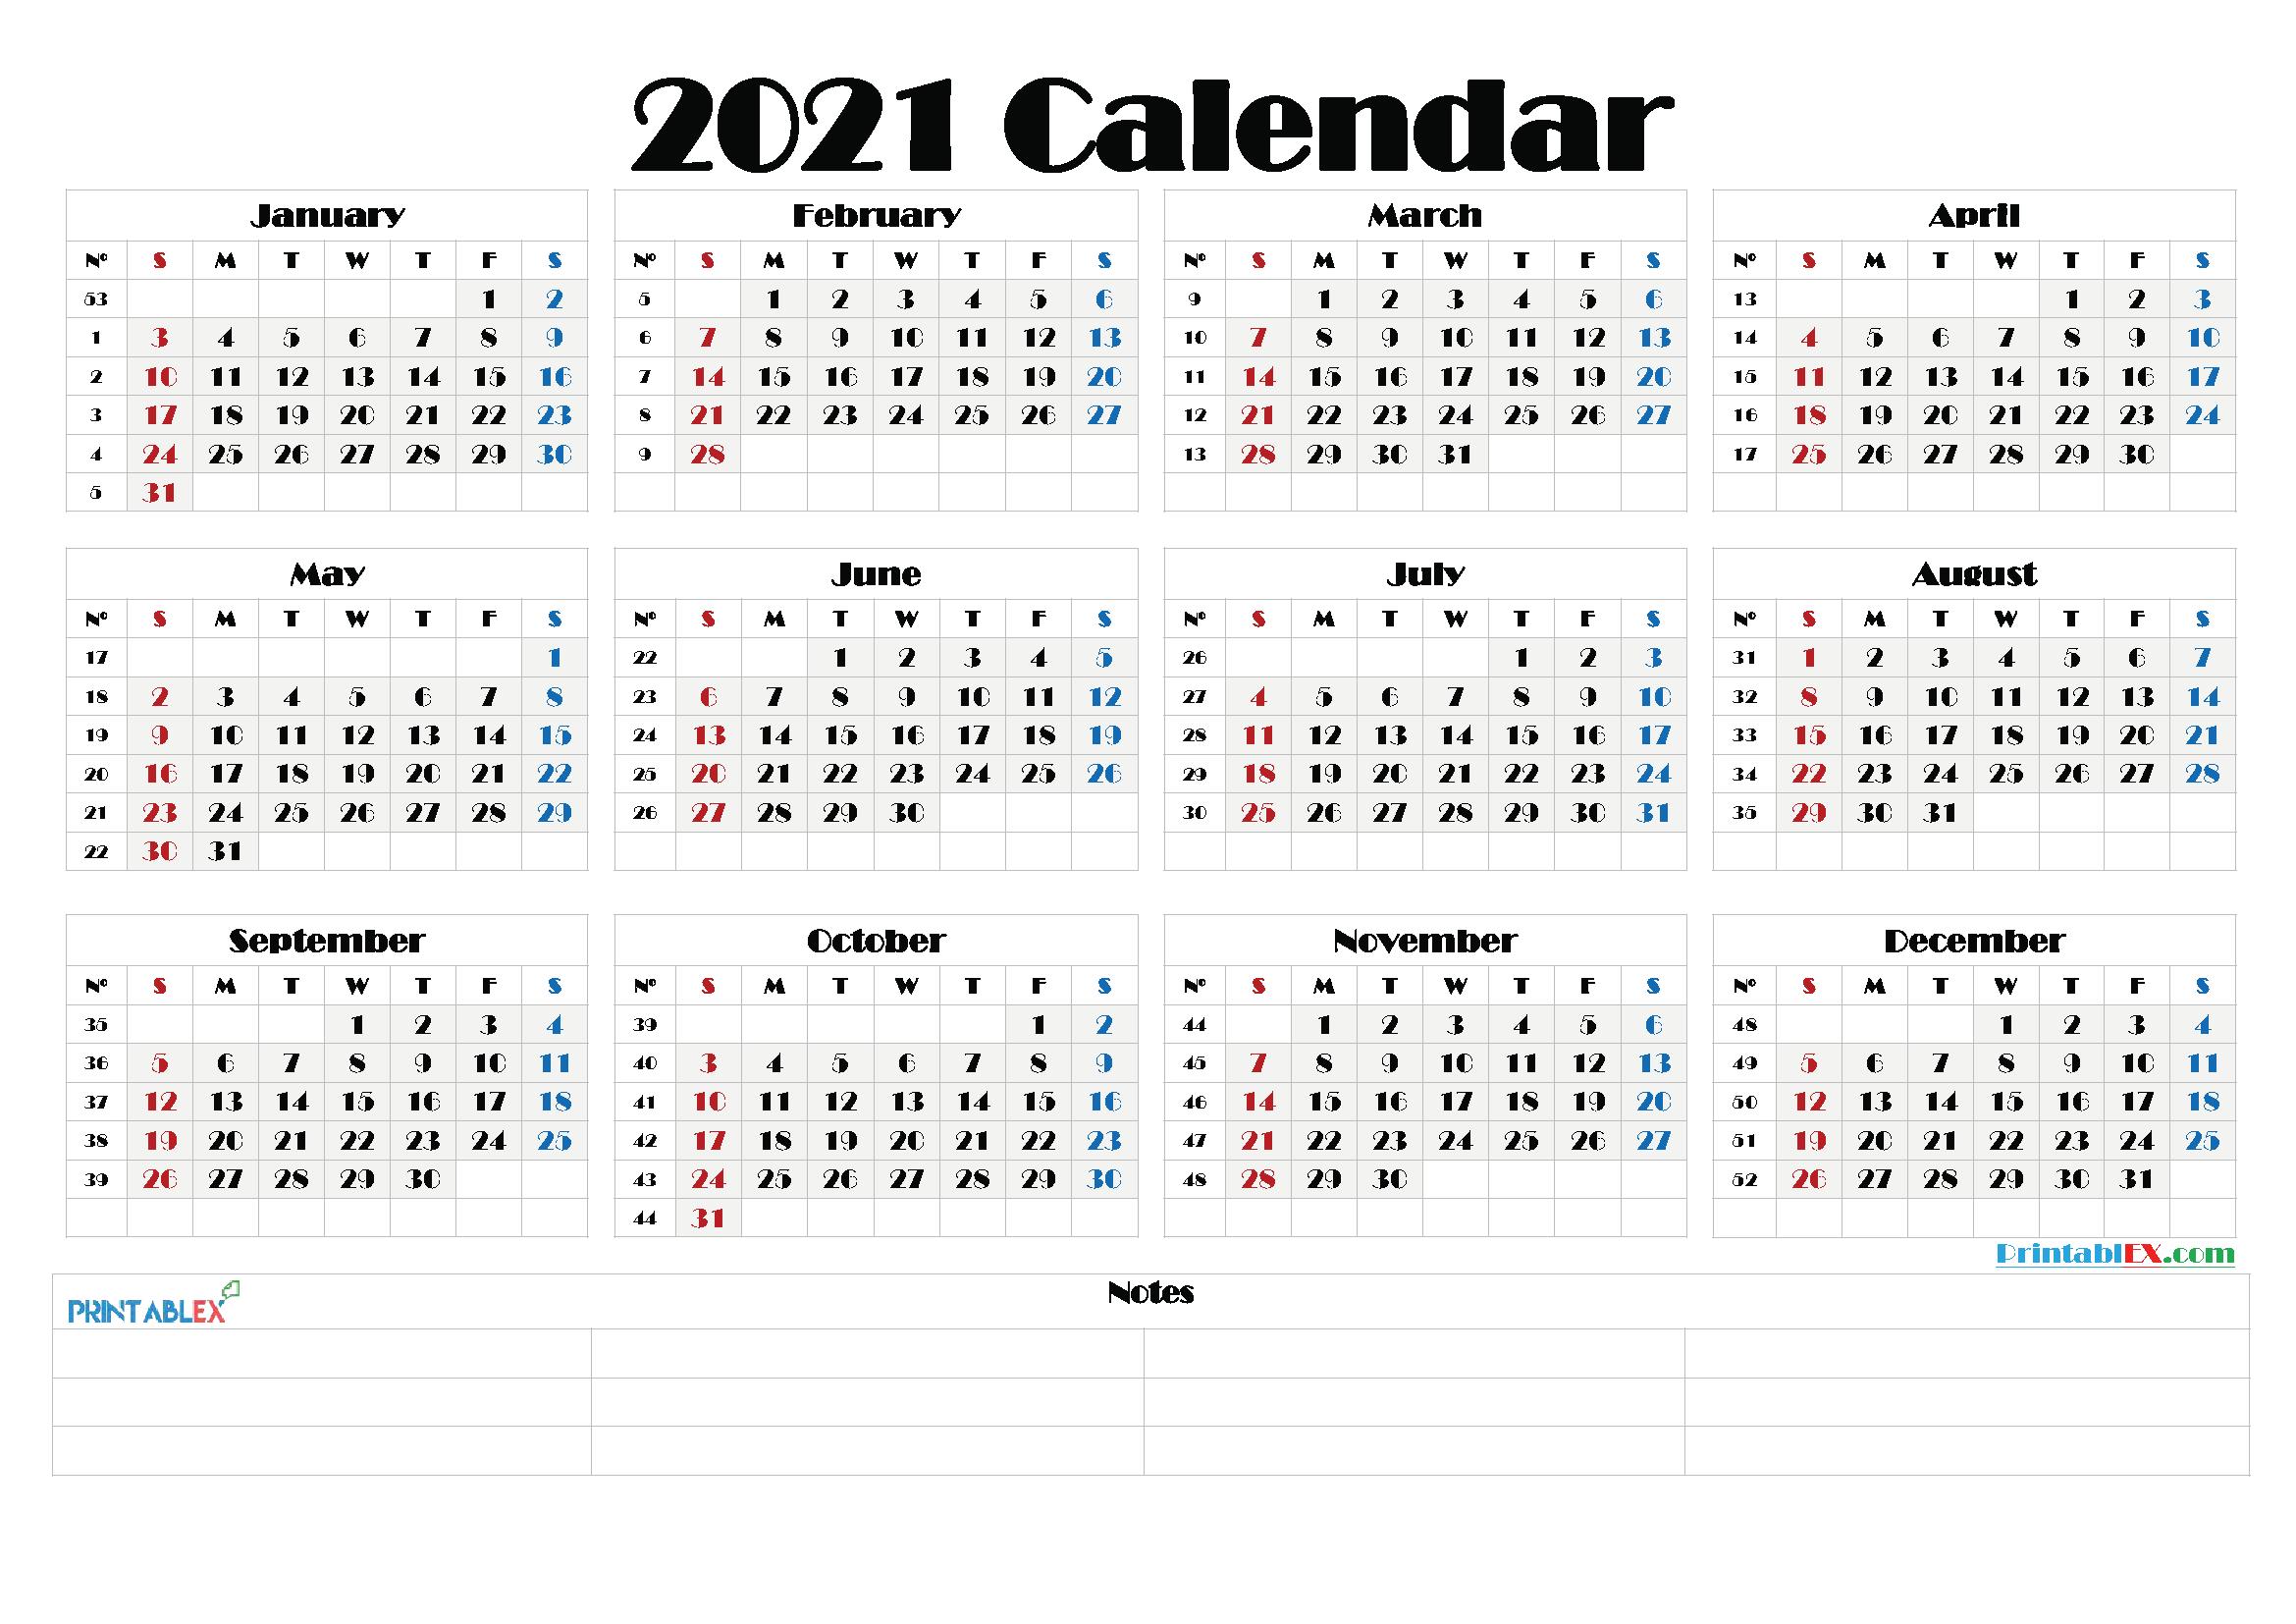 2021 Calendar With Week Number Printable Free : Weekly-Excel Calendar 2021 With Week Numbers